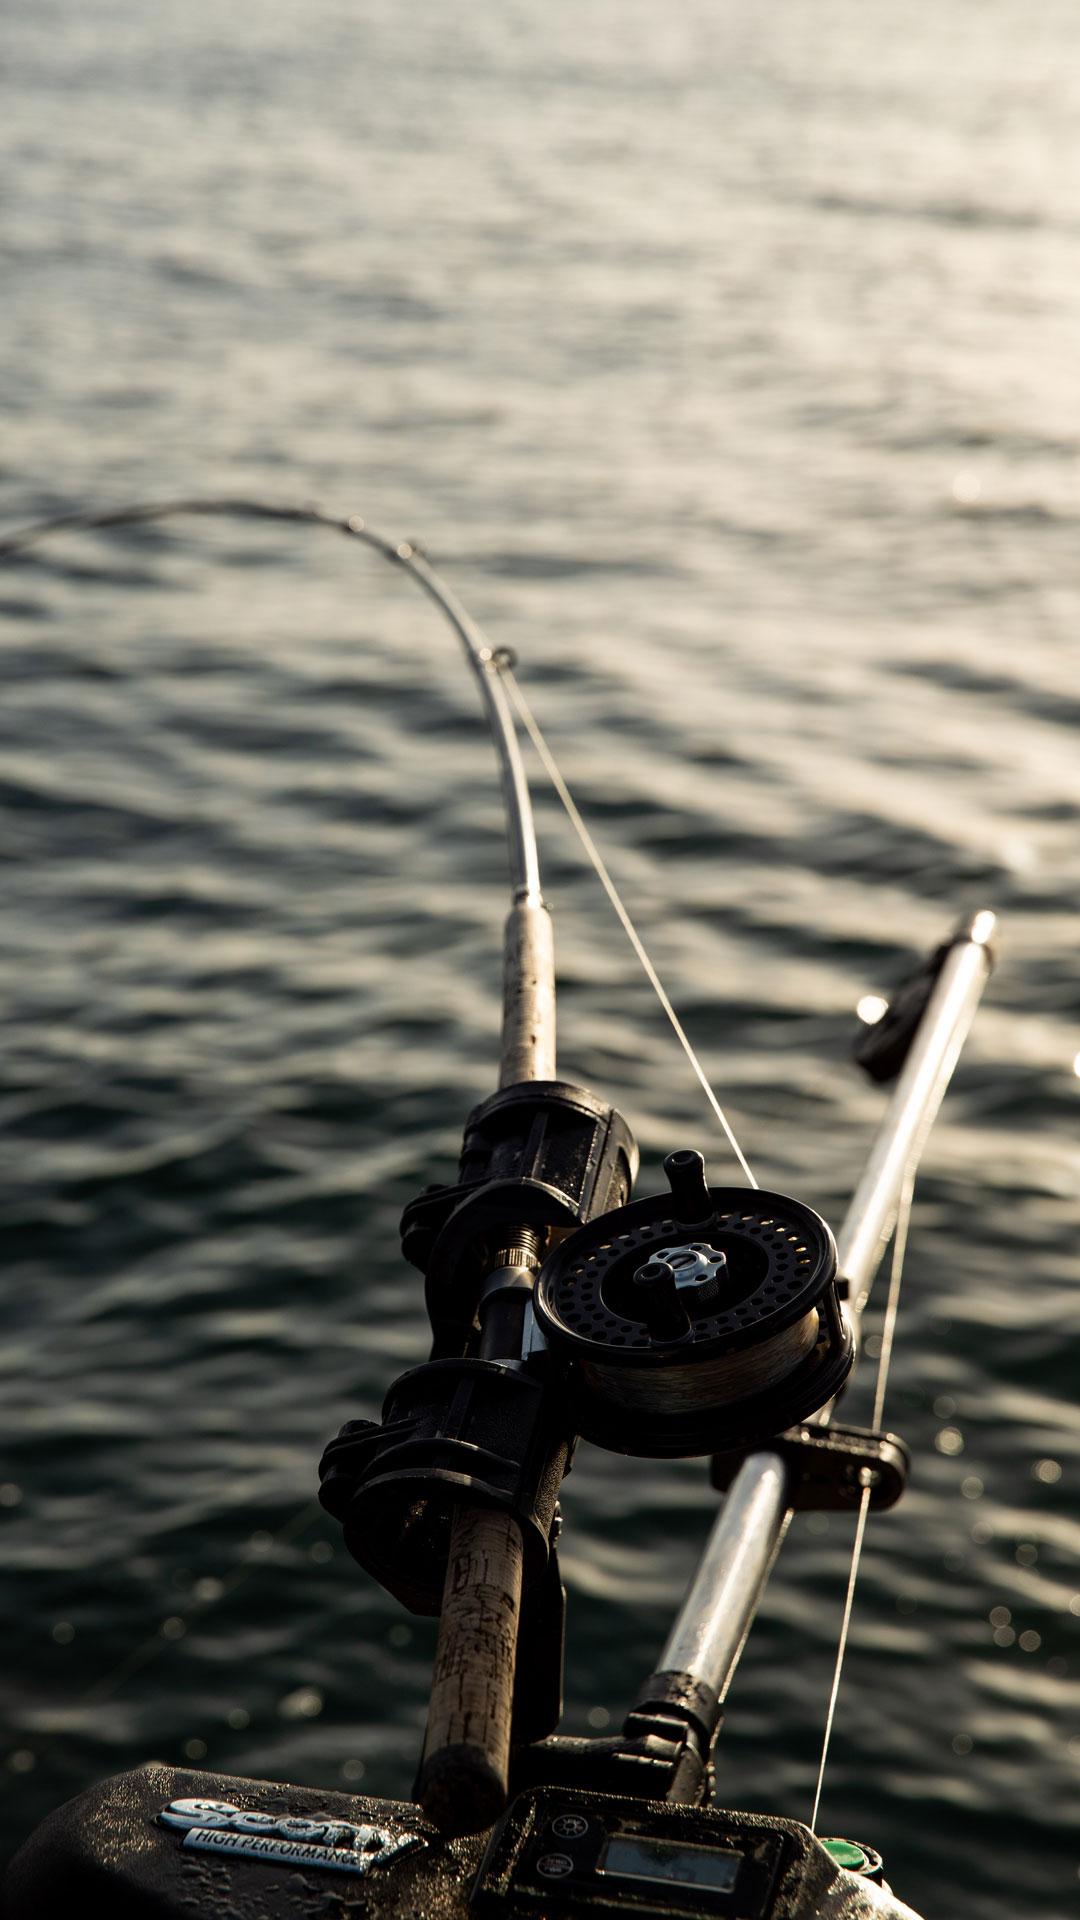 Fishing rod catching fish near Tofino, BC.